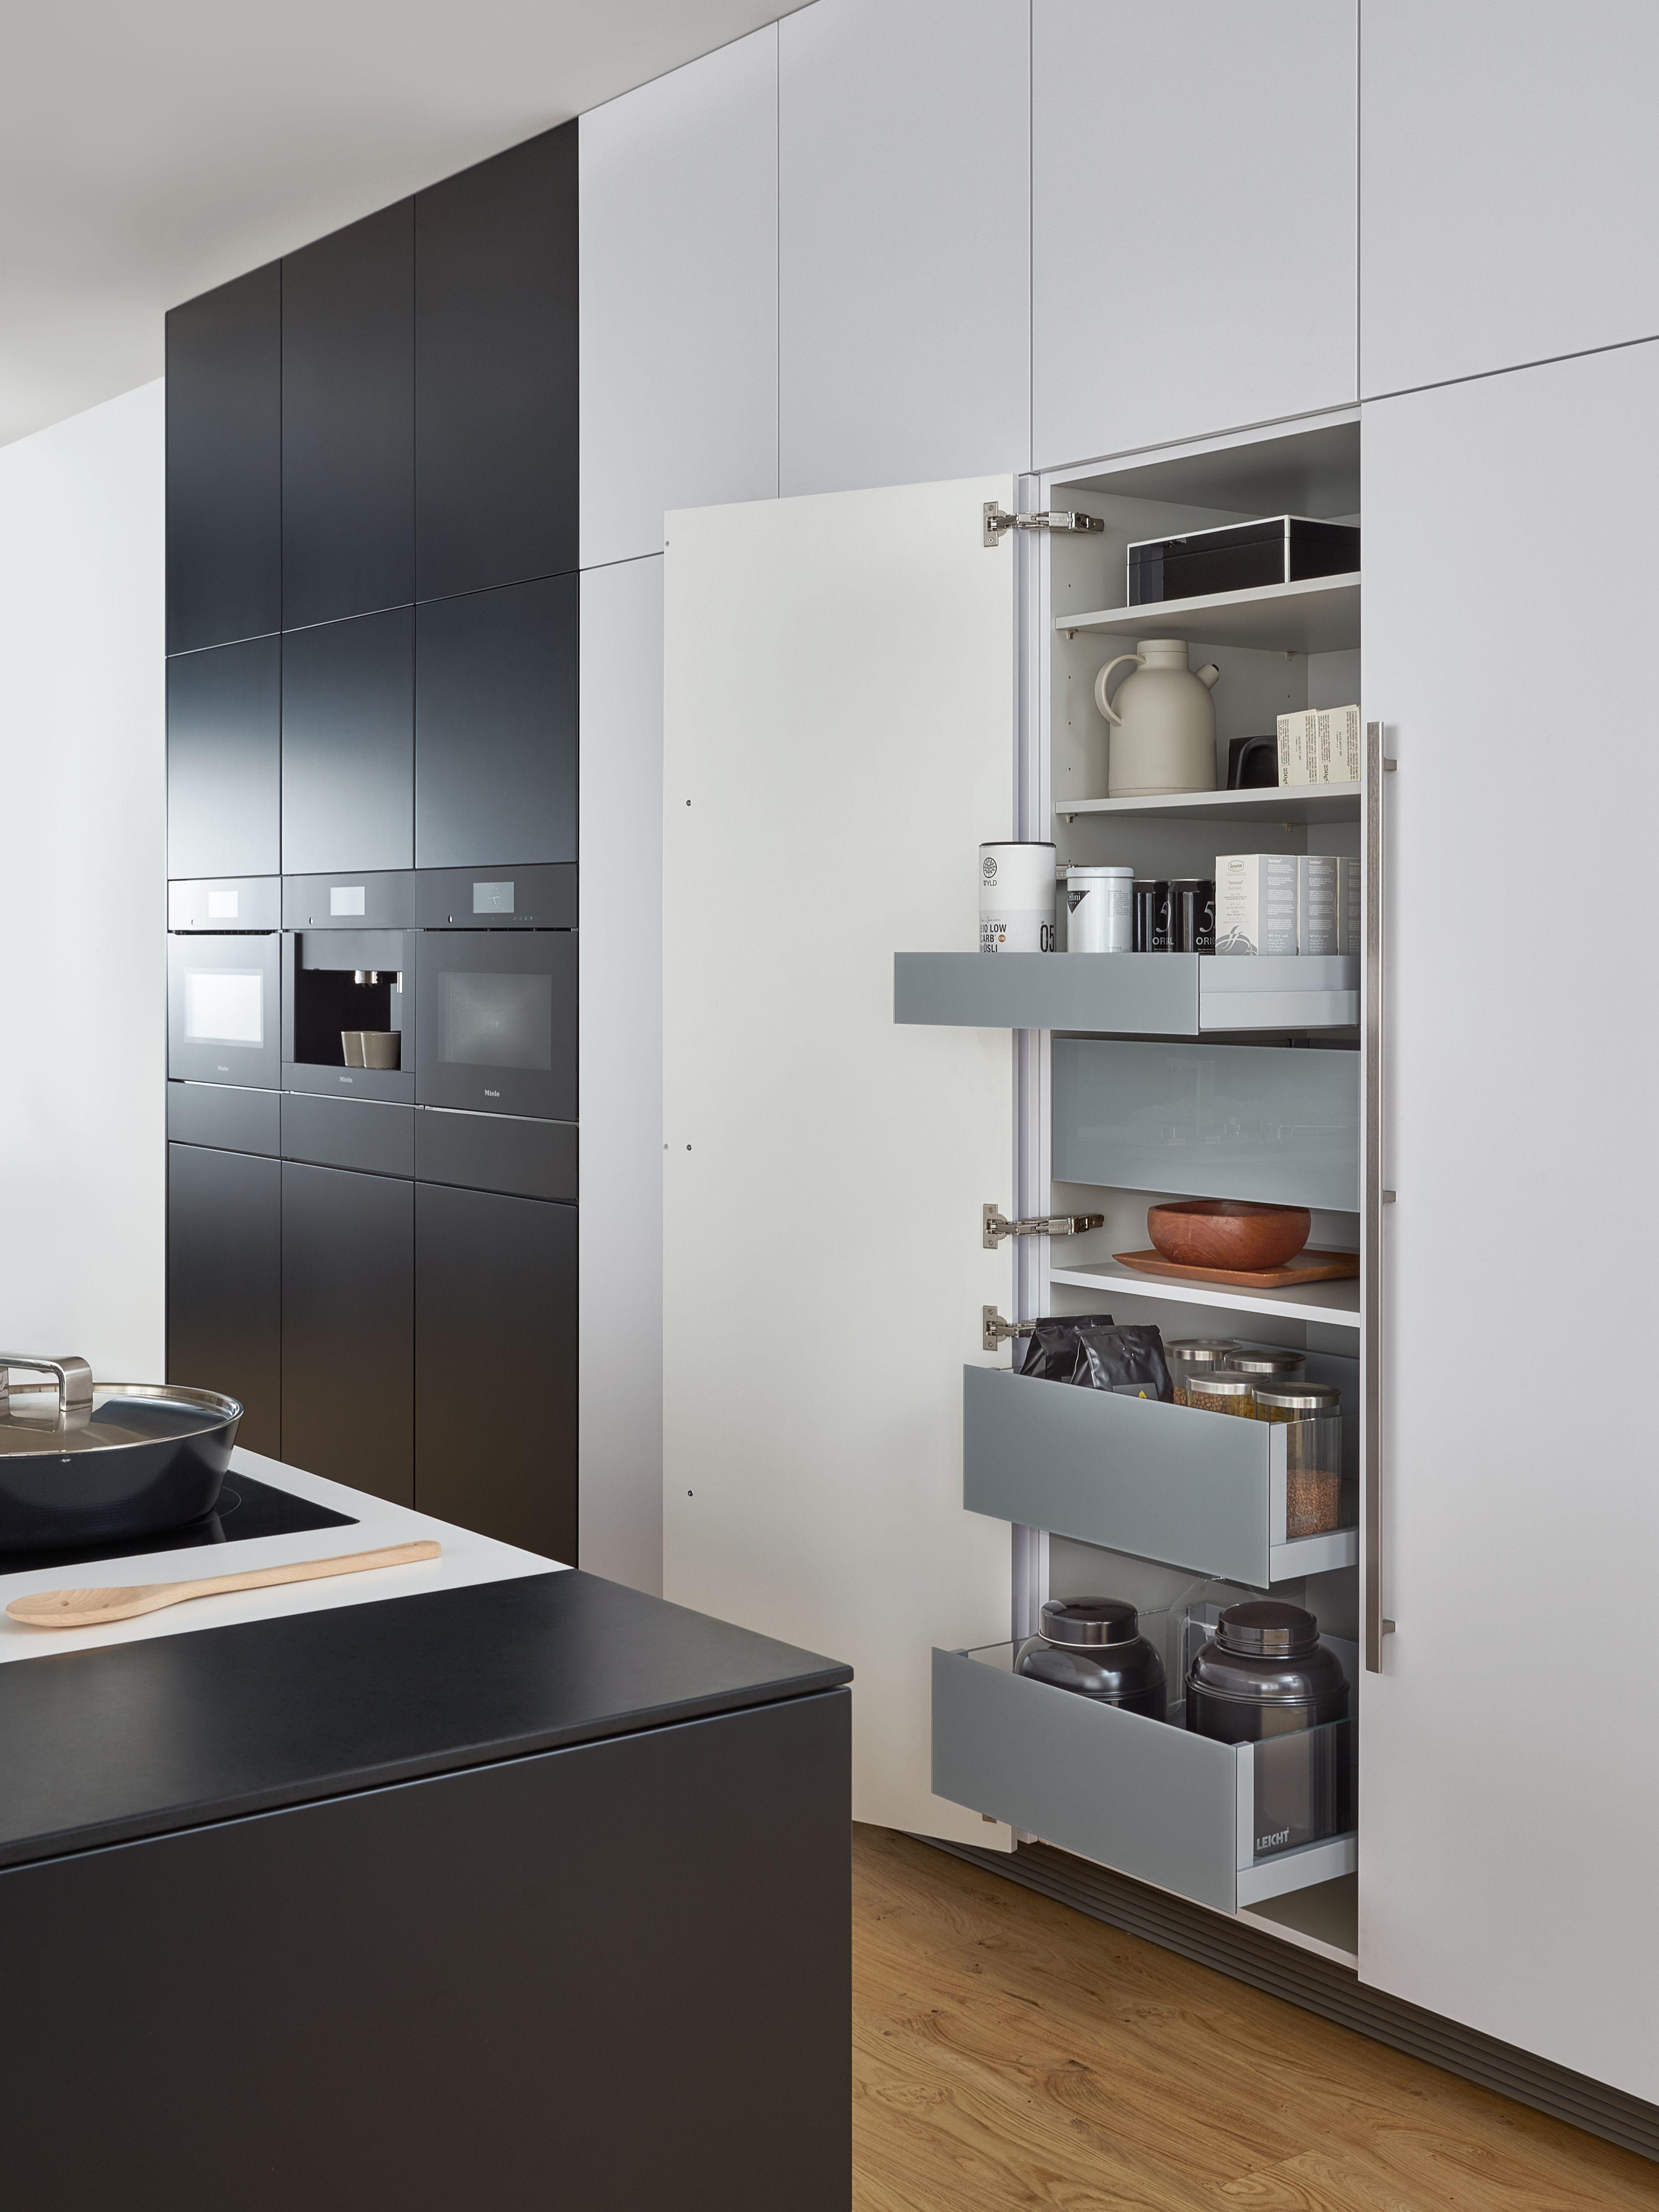 warum bei k chenschr nken auf die qualit t geachtet werden sollte. Black Bedroom Furniture Sets. Home Design Ideas